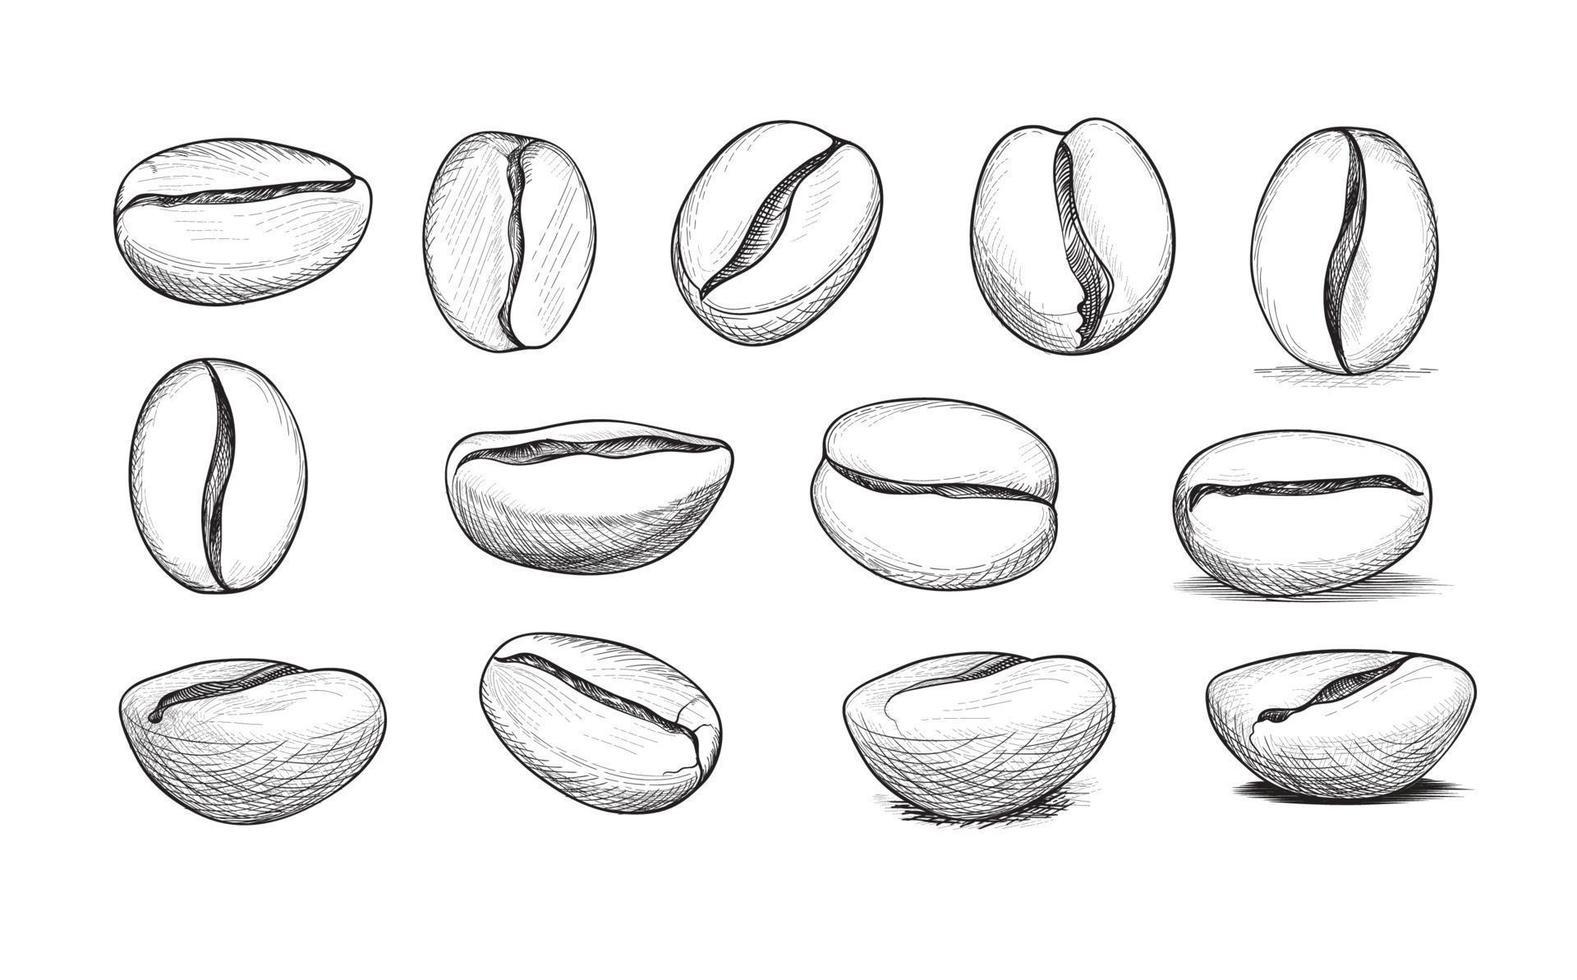 Kaffeebohnen-Icon-Set. handgezeichnete Skizzen von Kaffeebohnen. vektor